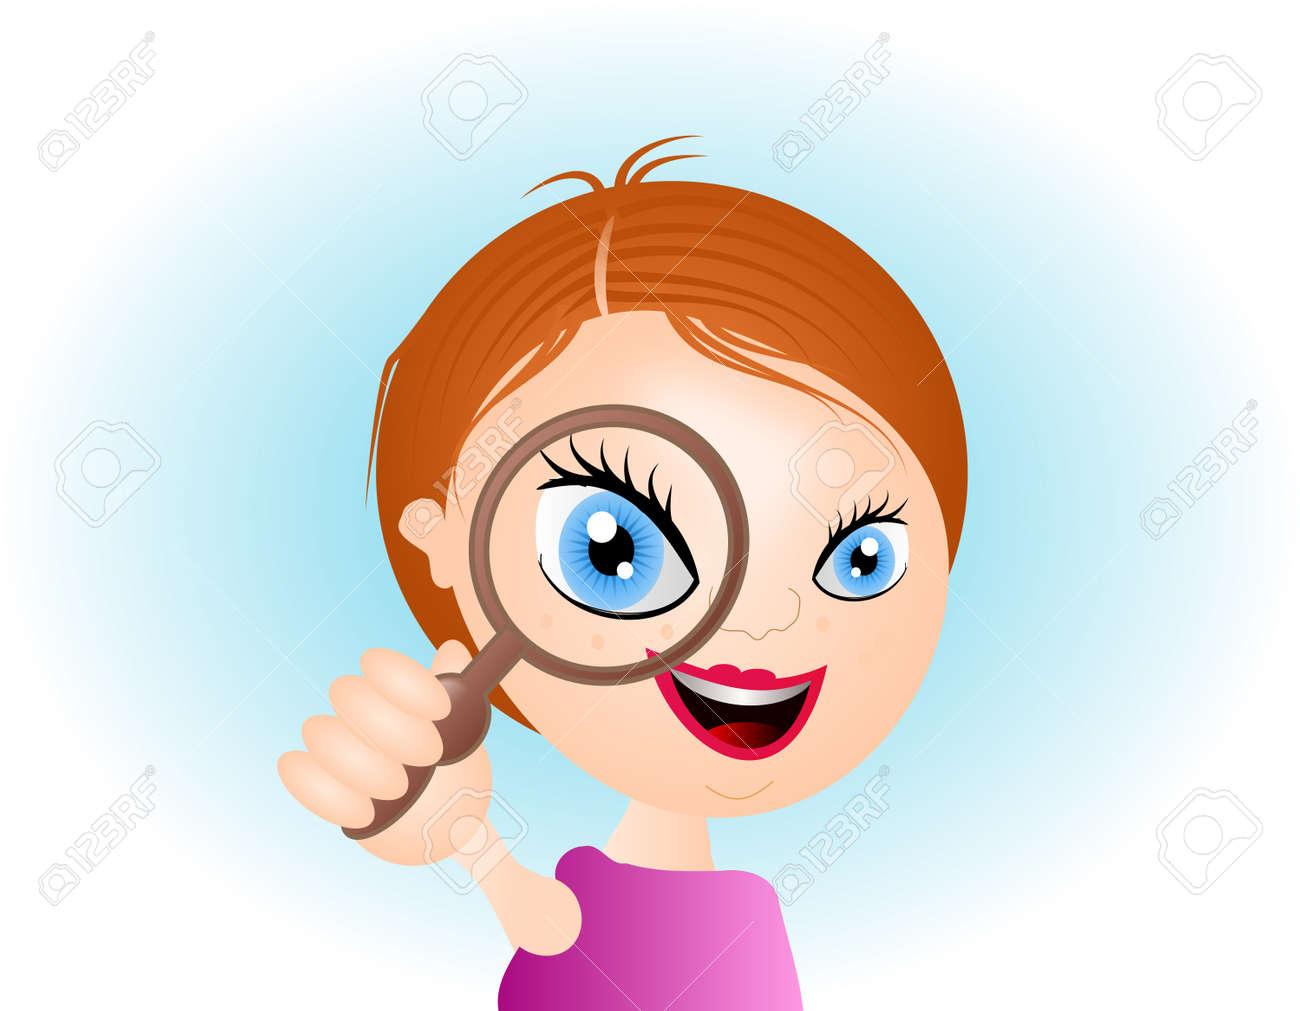 拡大鏡とかわいい笑顔の女の子のイラスト ロイヤリティーフリーフォト